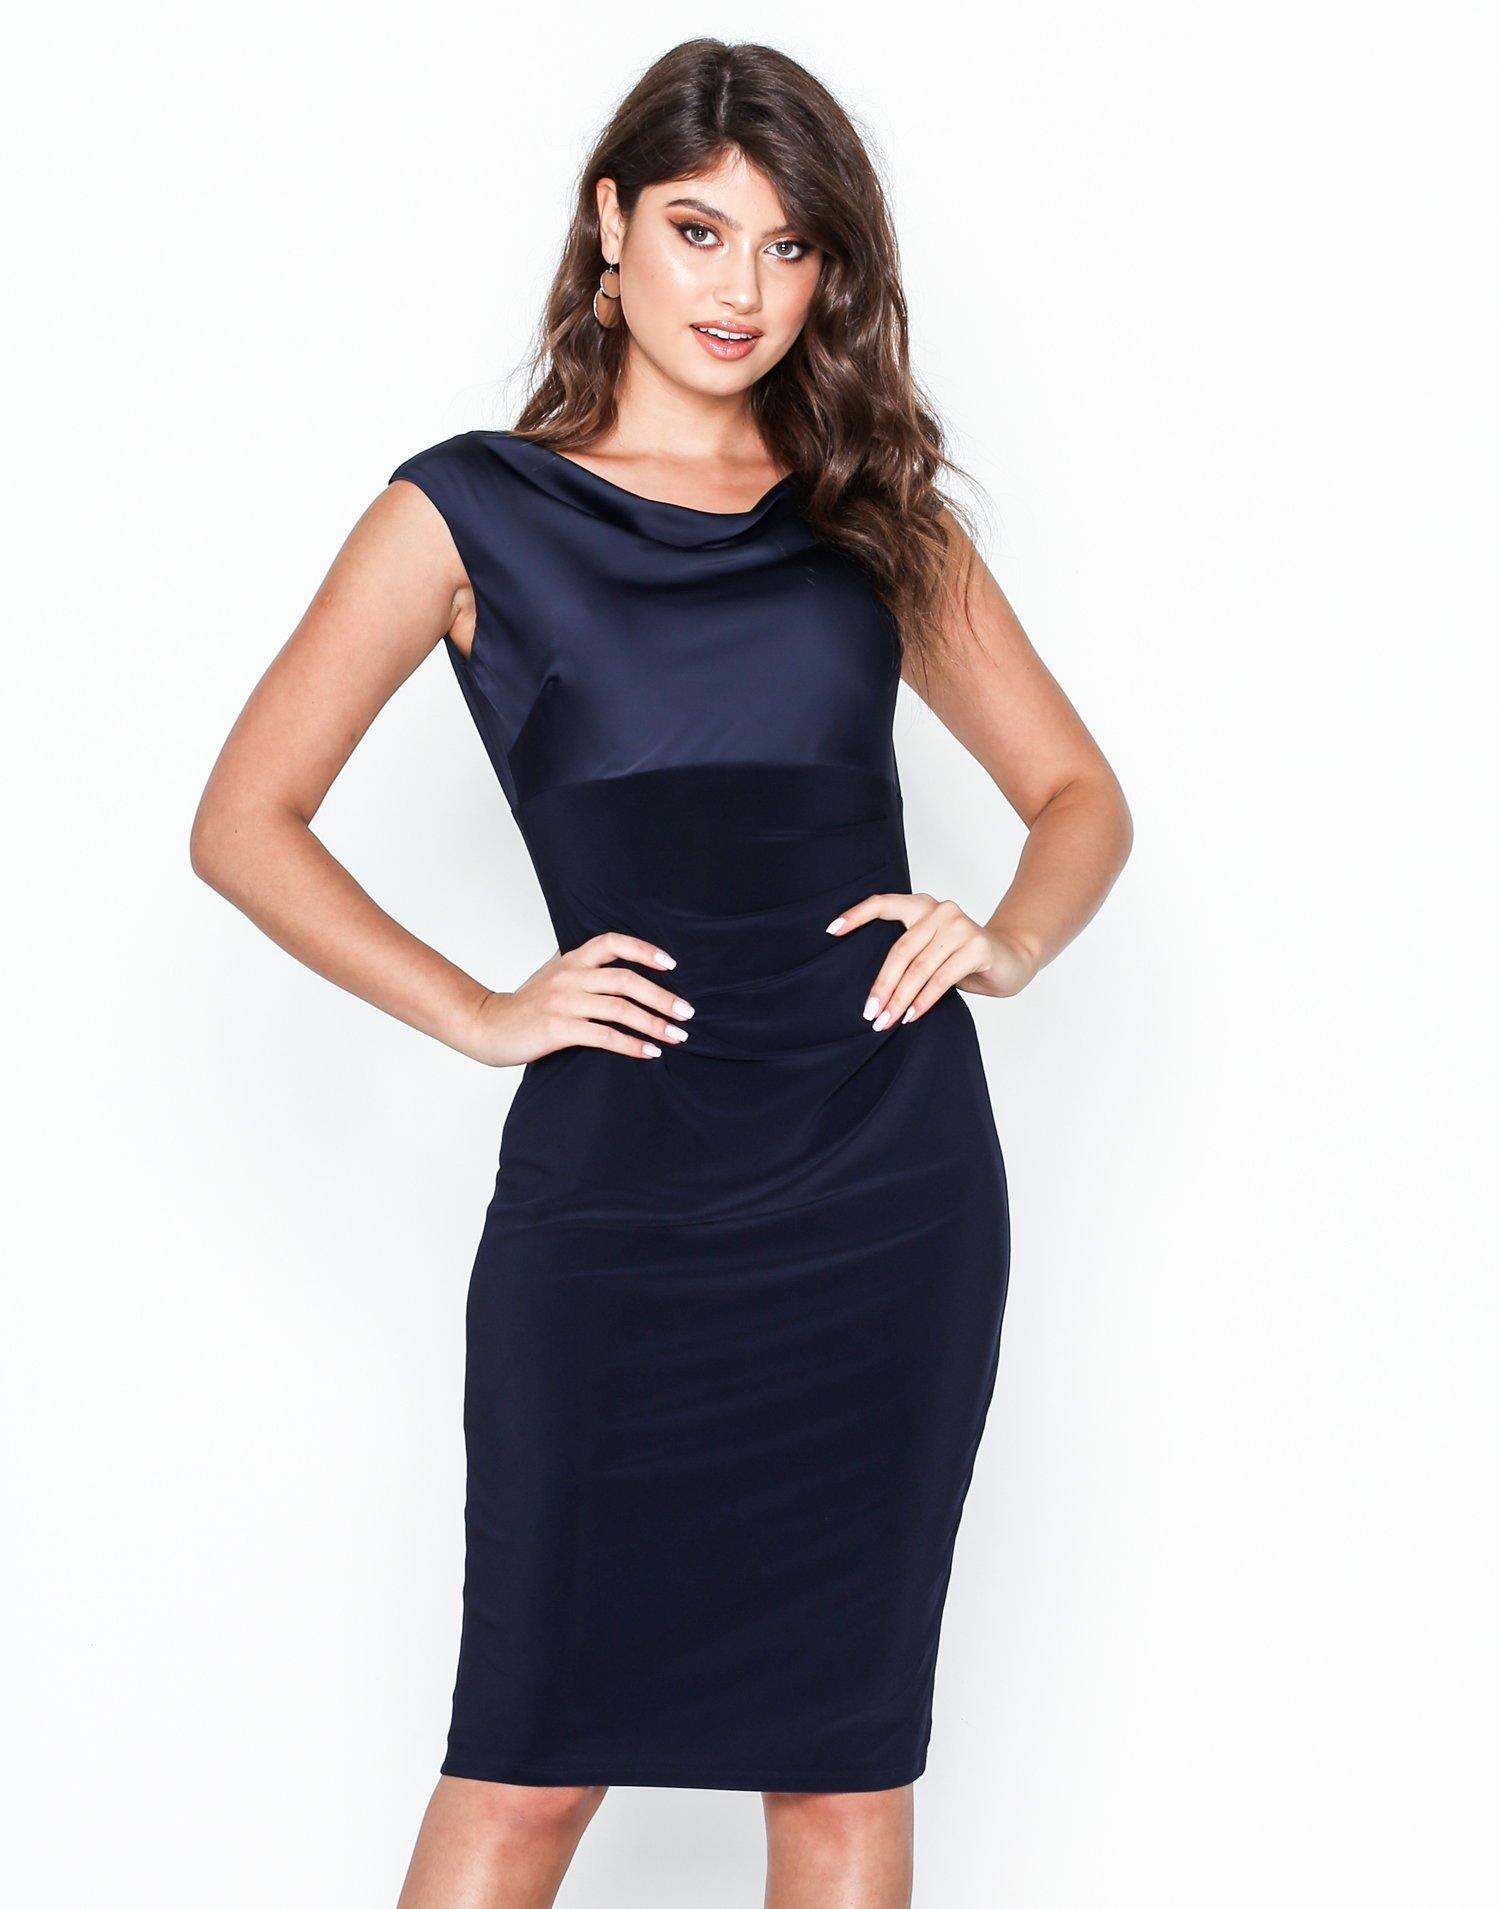 87d39e7f4470 Chelley cap sleeve day dress lauren ralph lauren blue dresses clothing  women jpg 934x1244 Ralph lauren